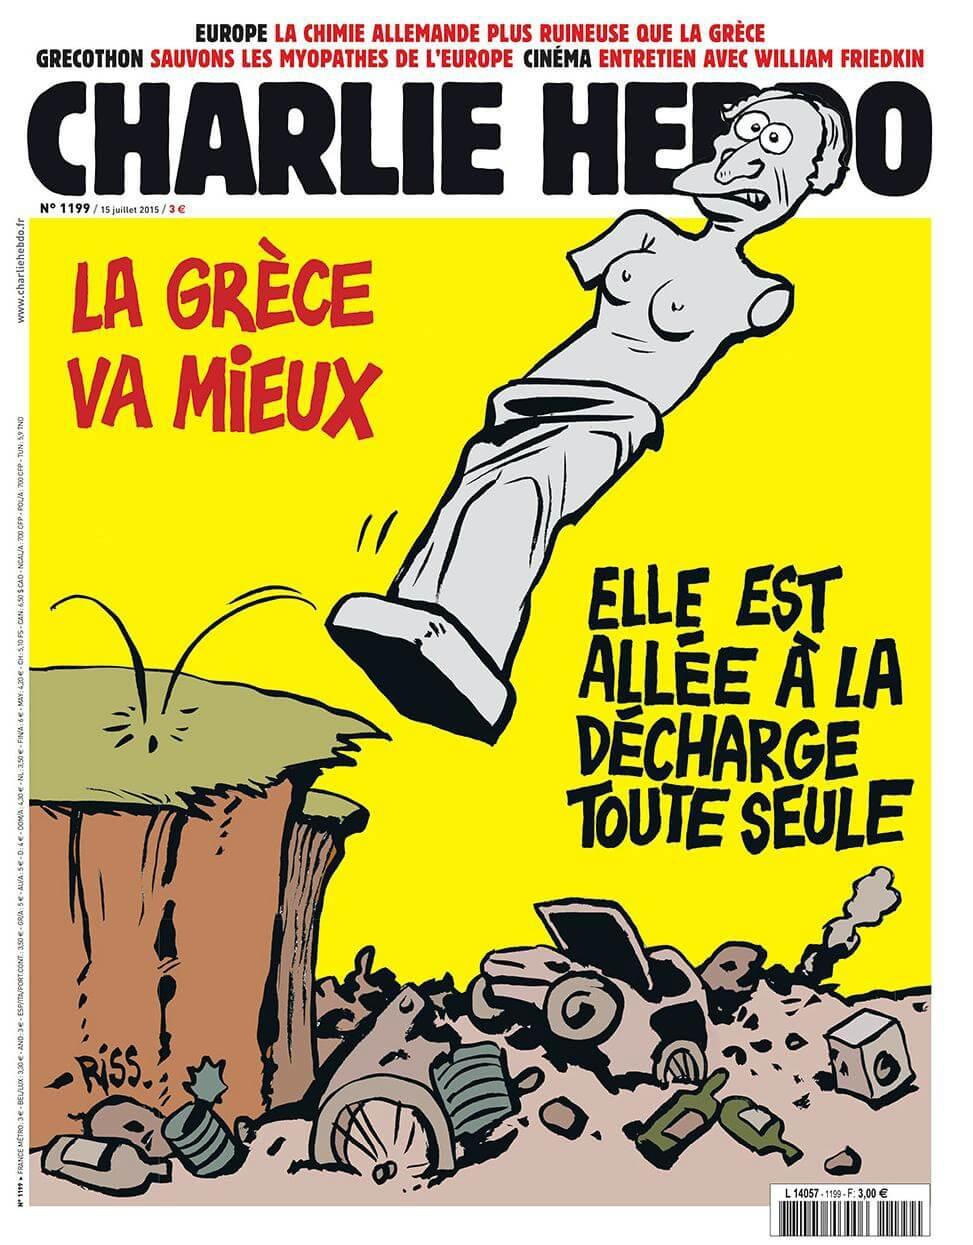 Charlie Hebdo - n°1199 - 15 juillet 2015